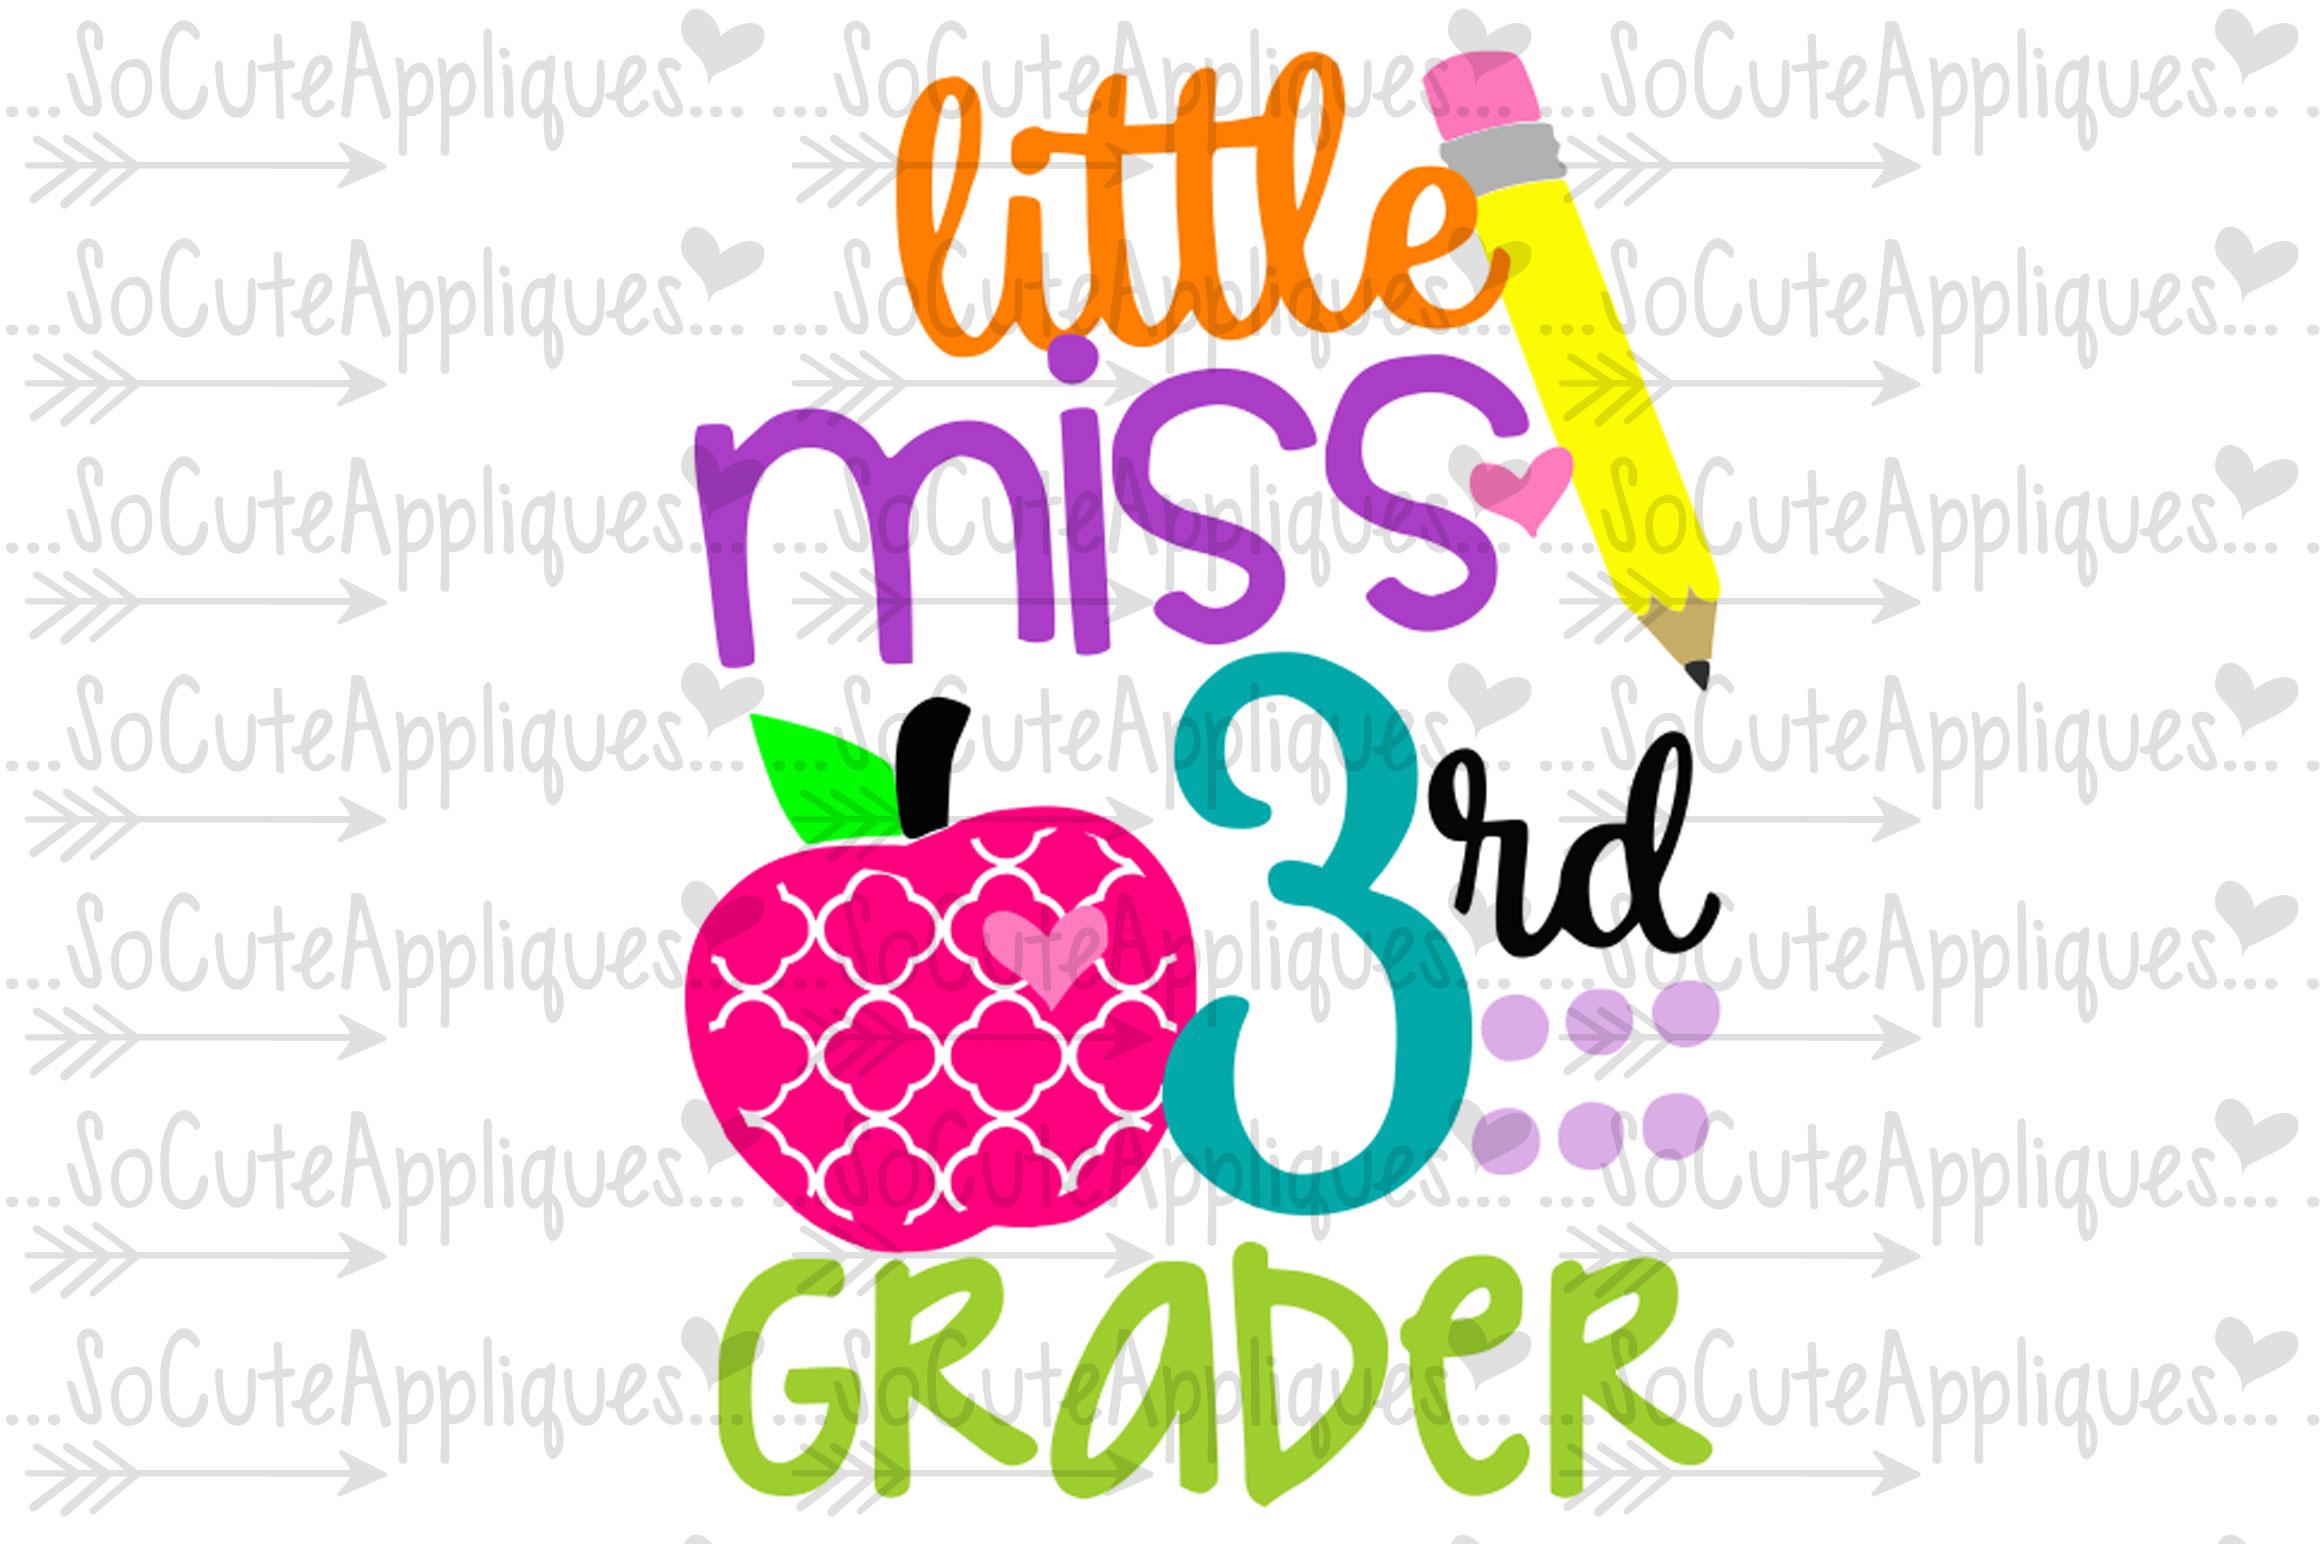 Little Miss 3rd Grader Svg Sca Socuteappliques Net